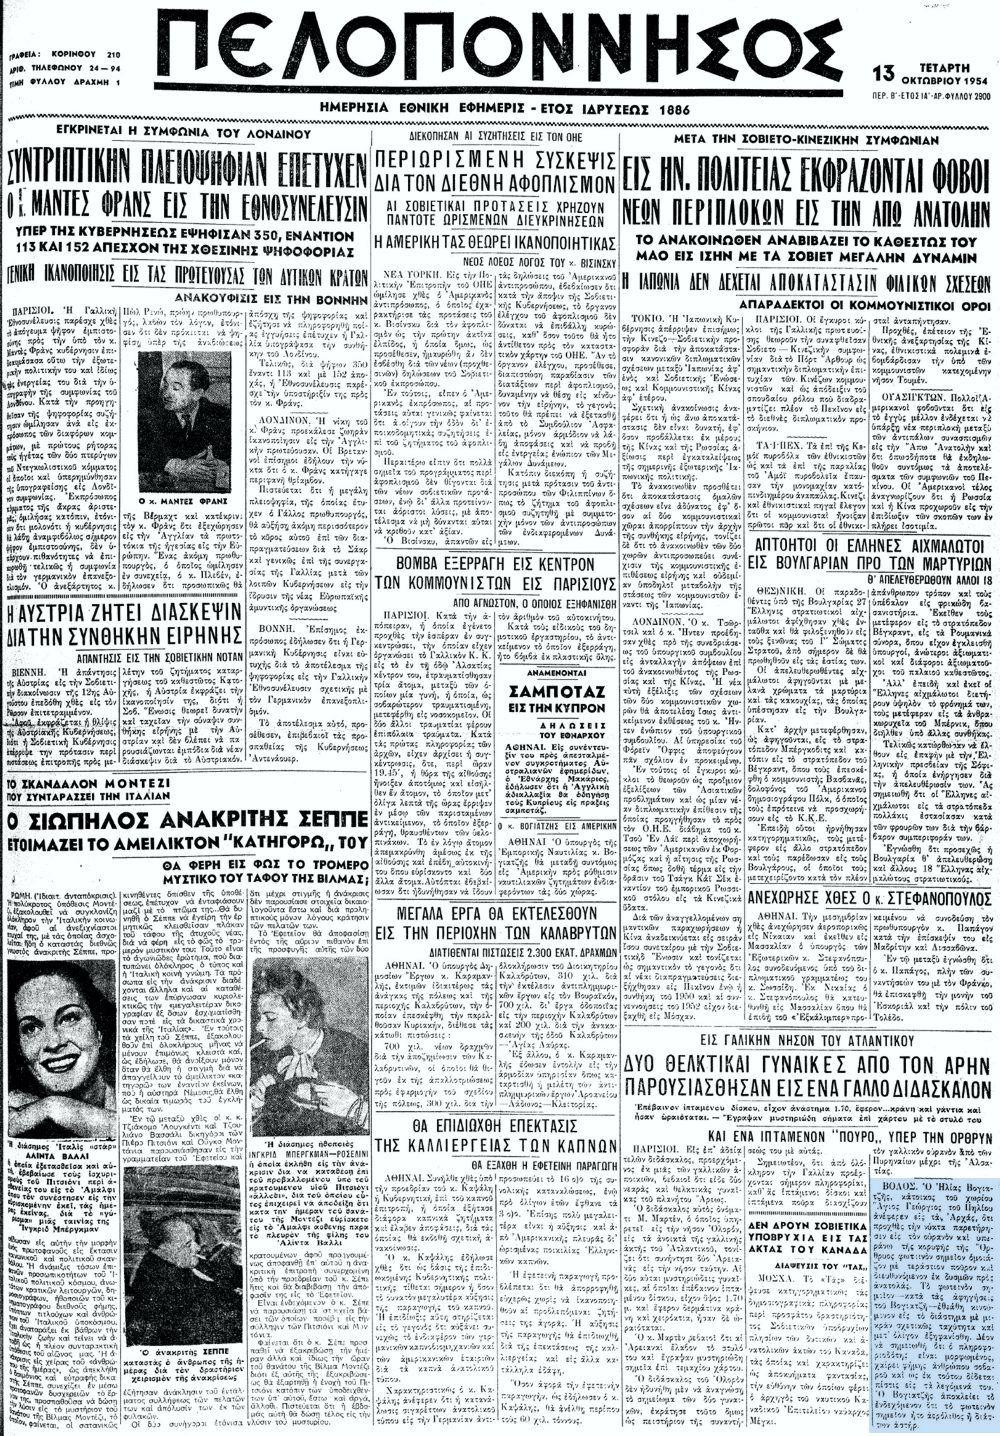 """Το άρθρο, όπως δημοσιεύθηκε στην εφημερίδα """"ΠΕΛΟΠΟΝΝΗΣΟΣ"""", στις 13/10/1954"""